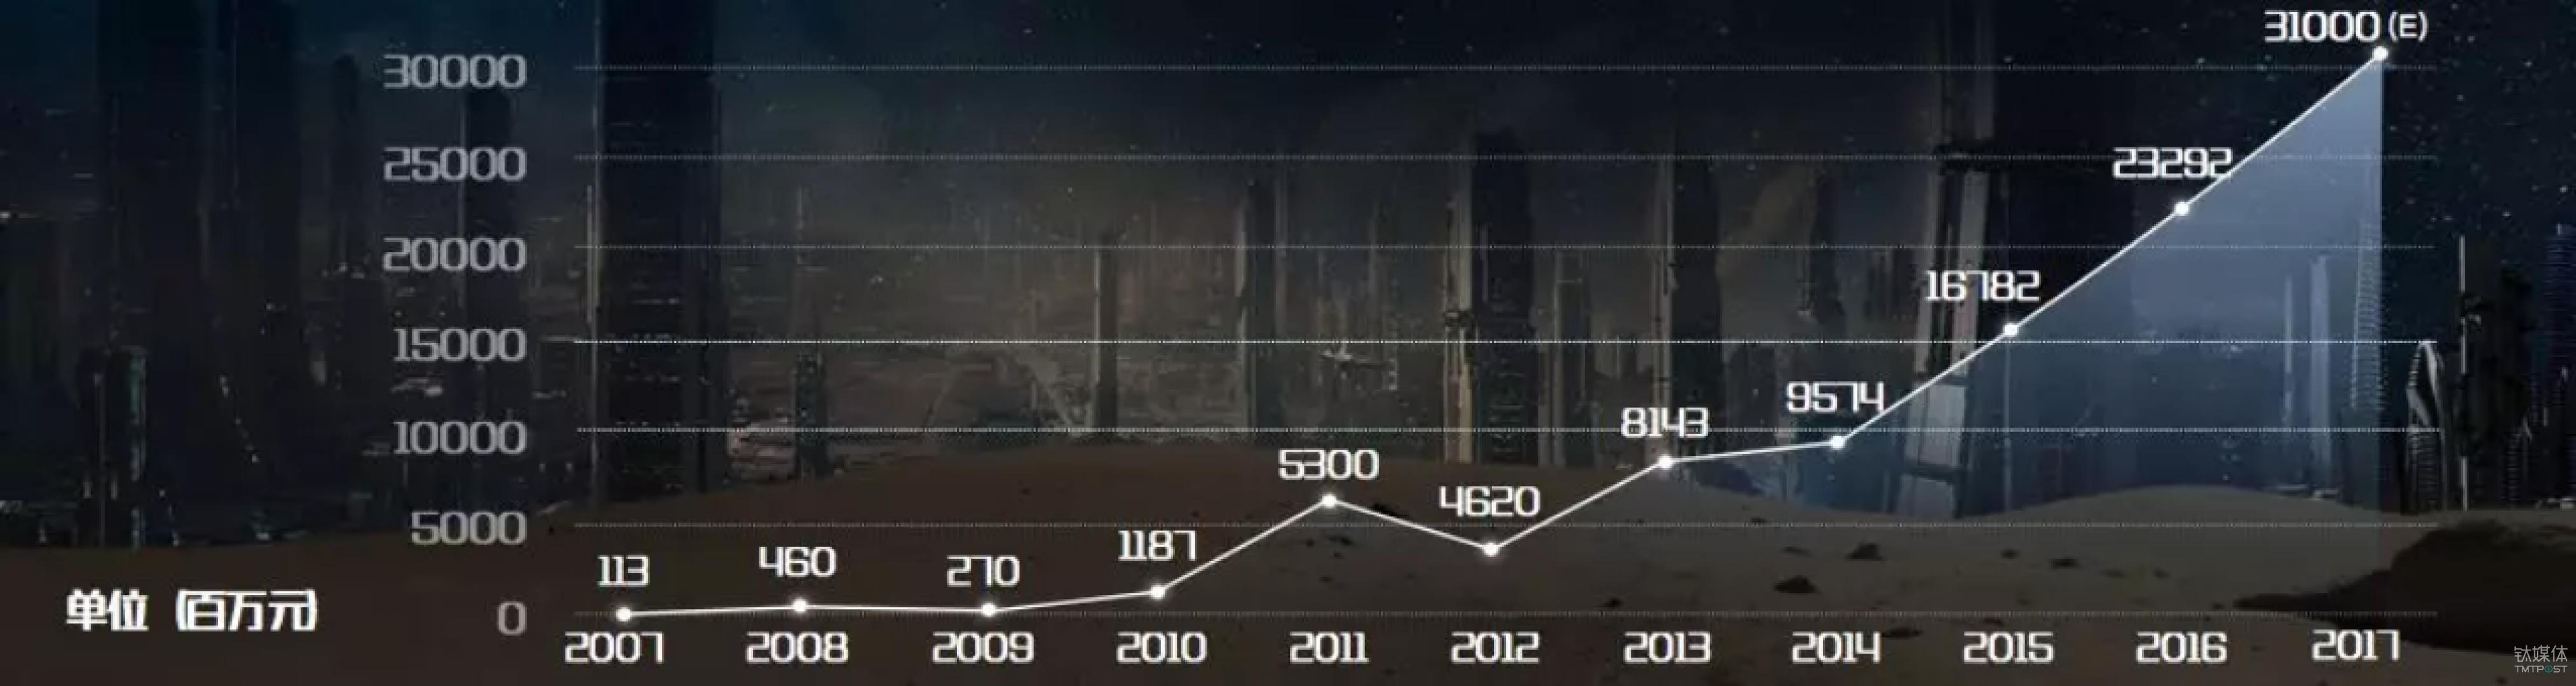 中国百货零售业增长图